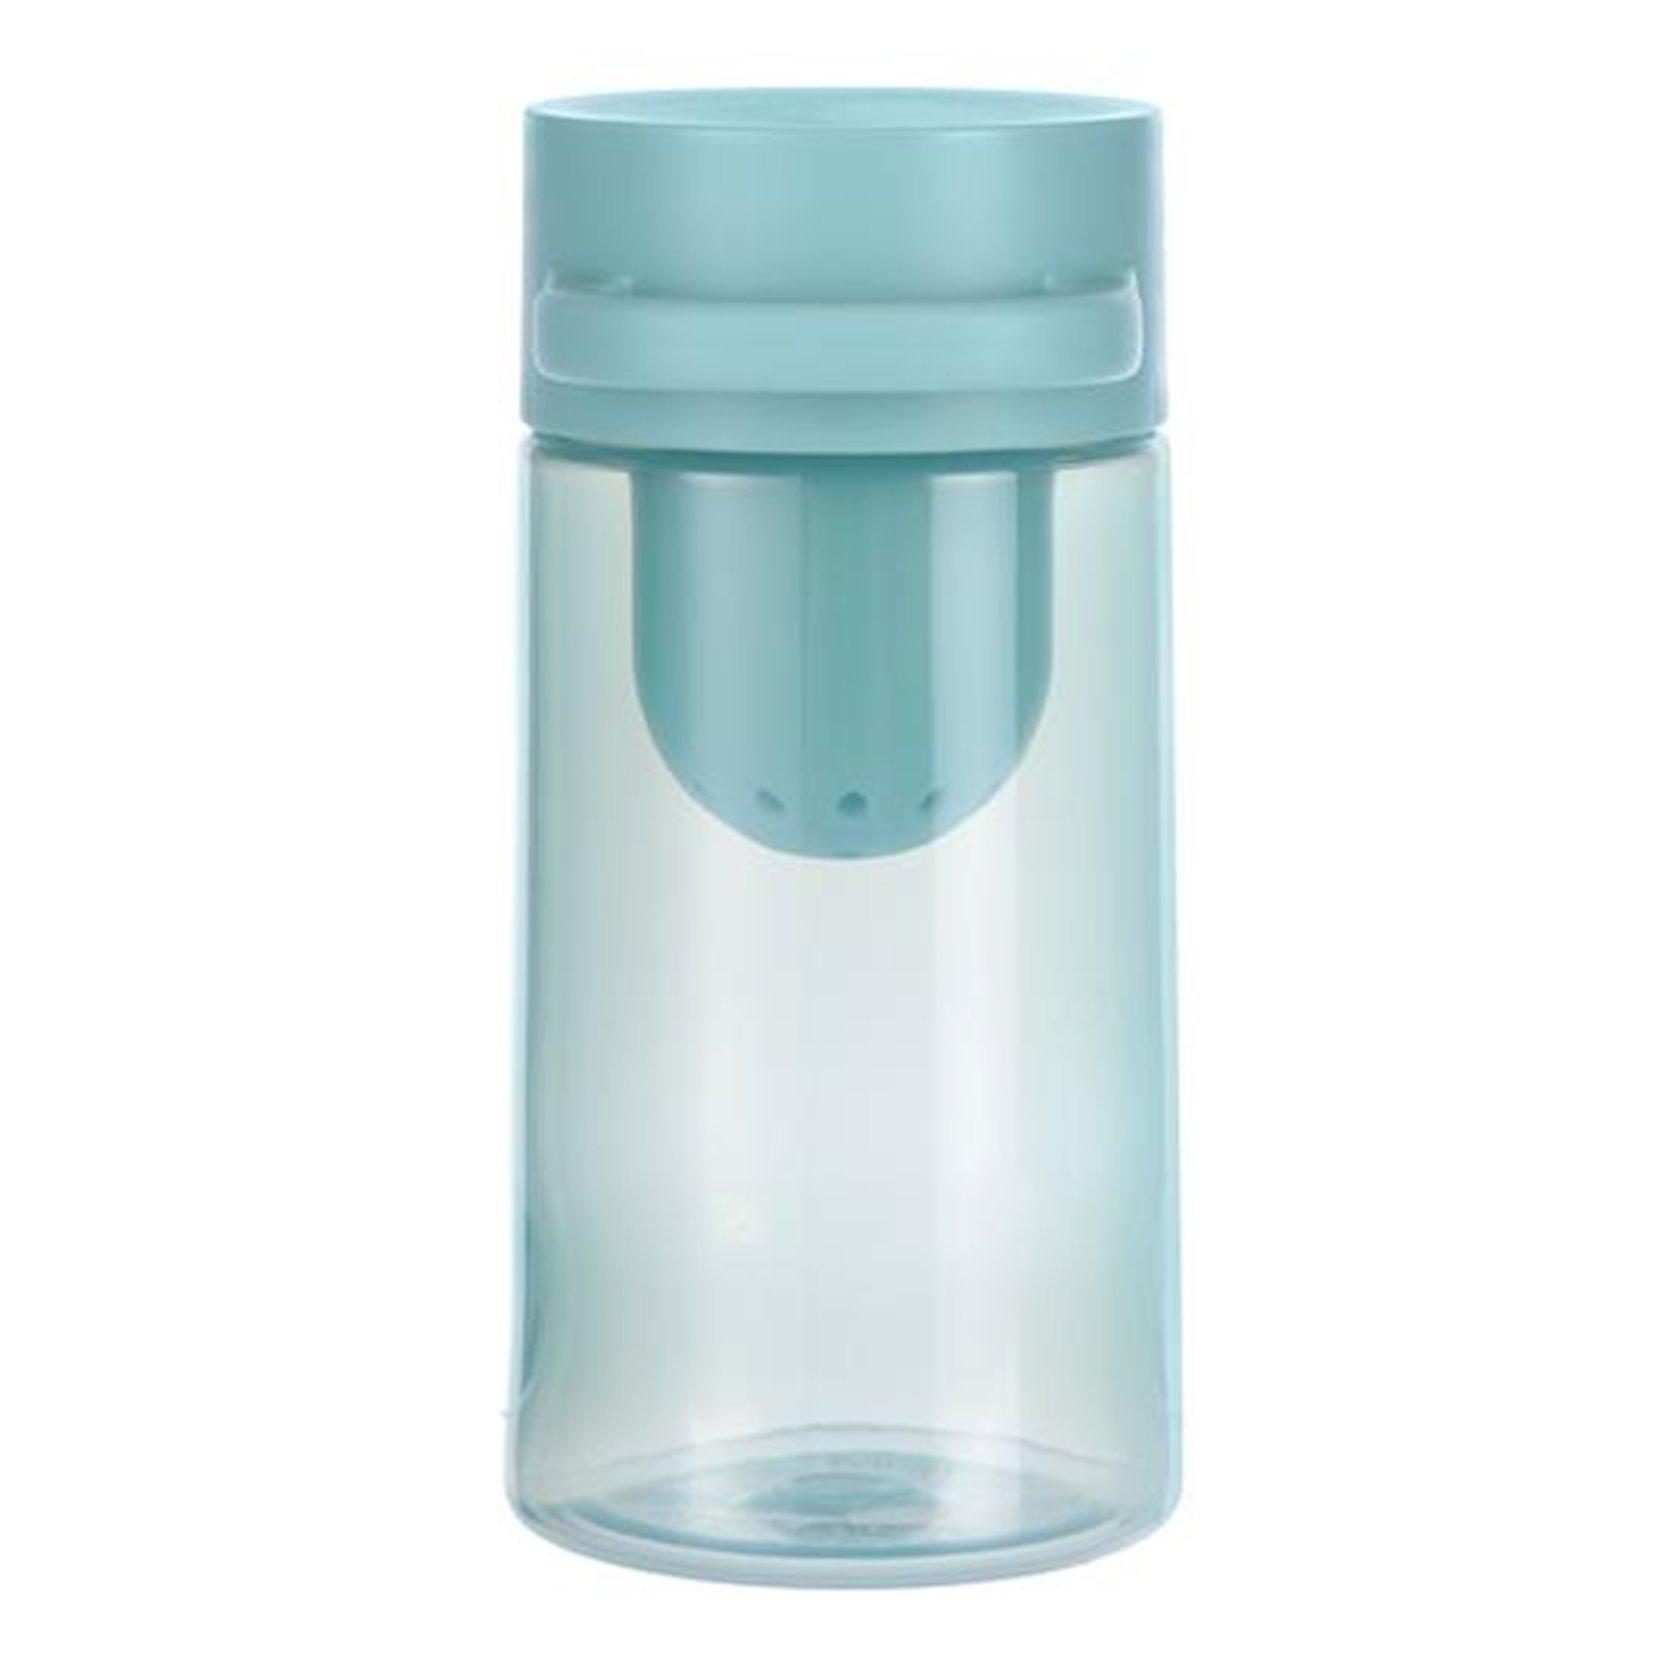 Su butulkası Miniso COCO tritan, 300 ml, Açıq yaşıl